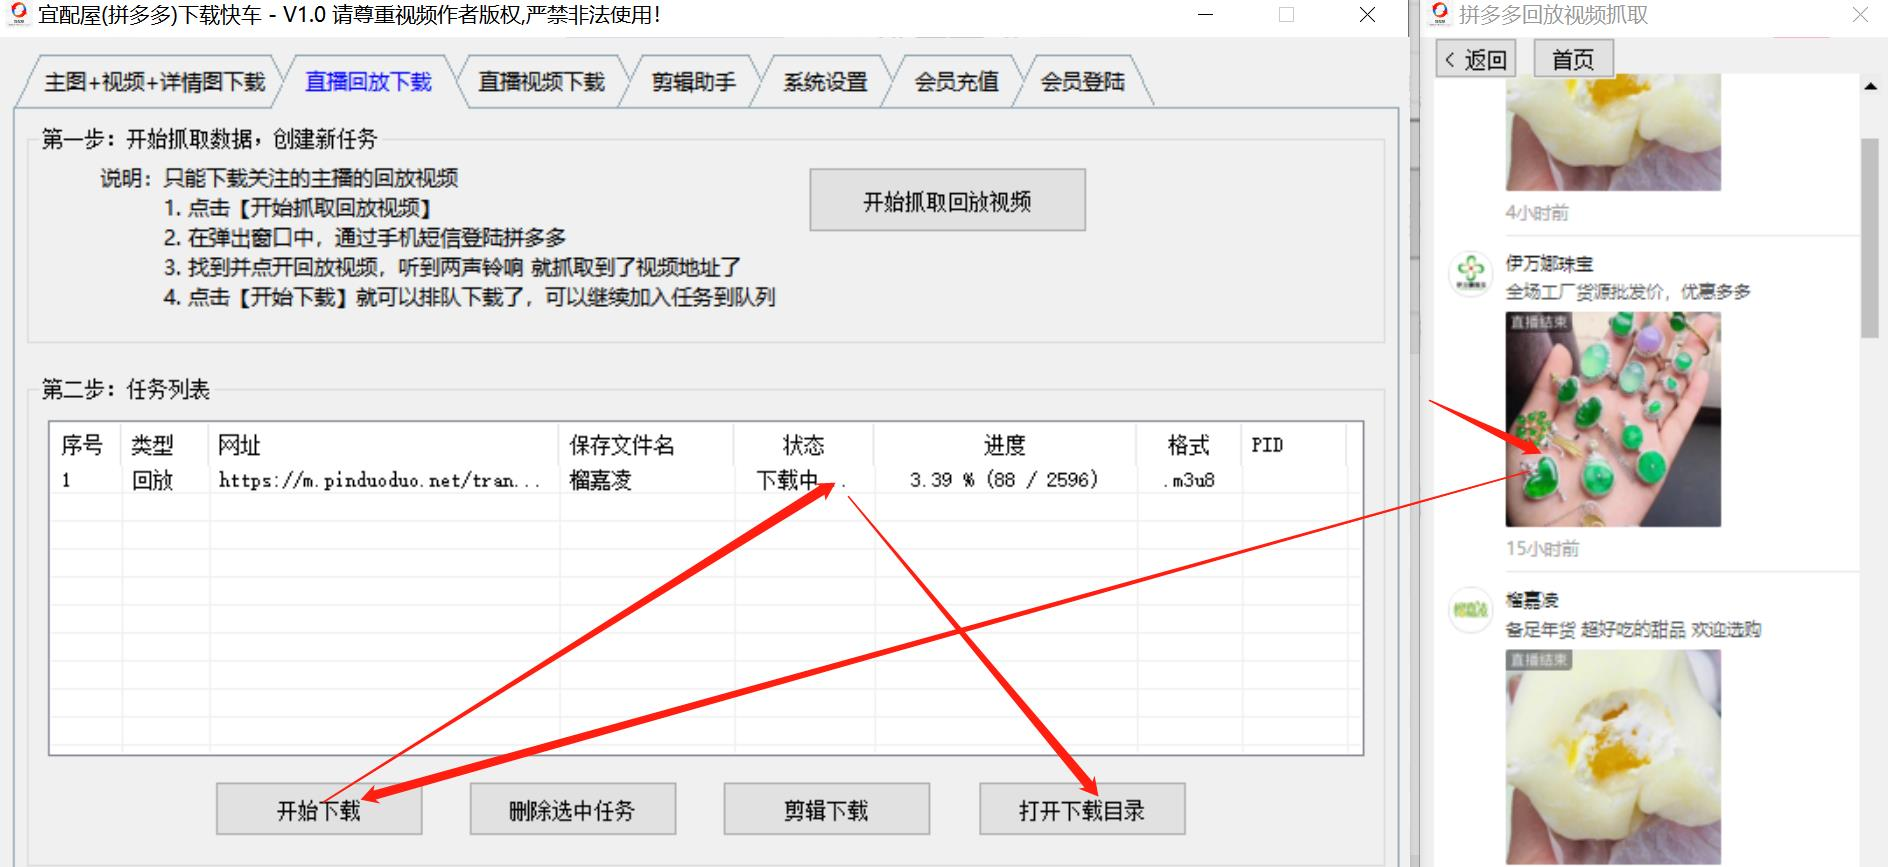 拼多多直播回放视频下载操作方法-02.jpg